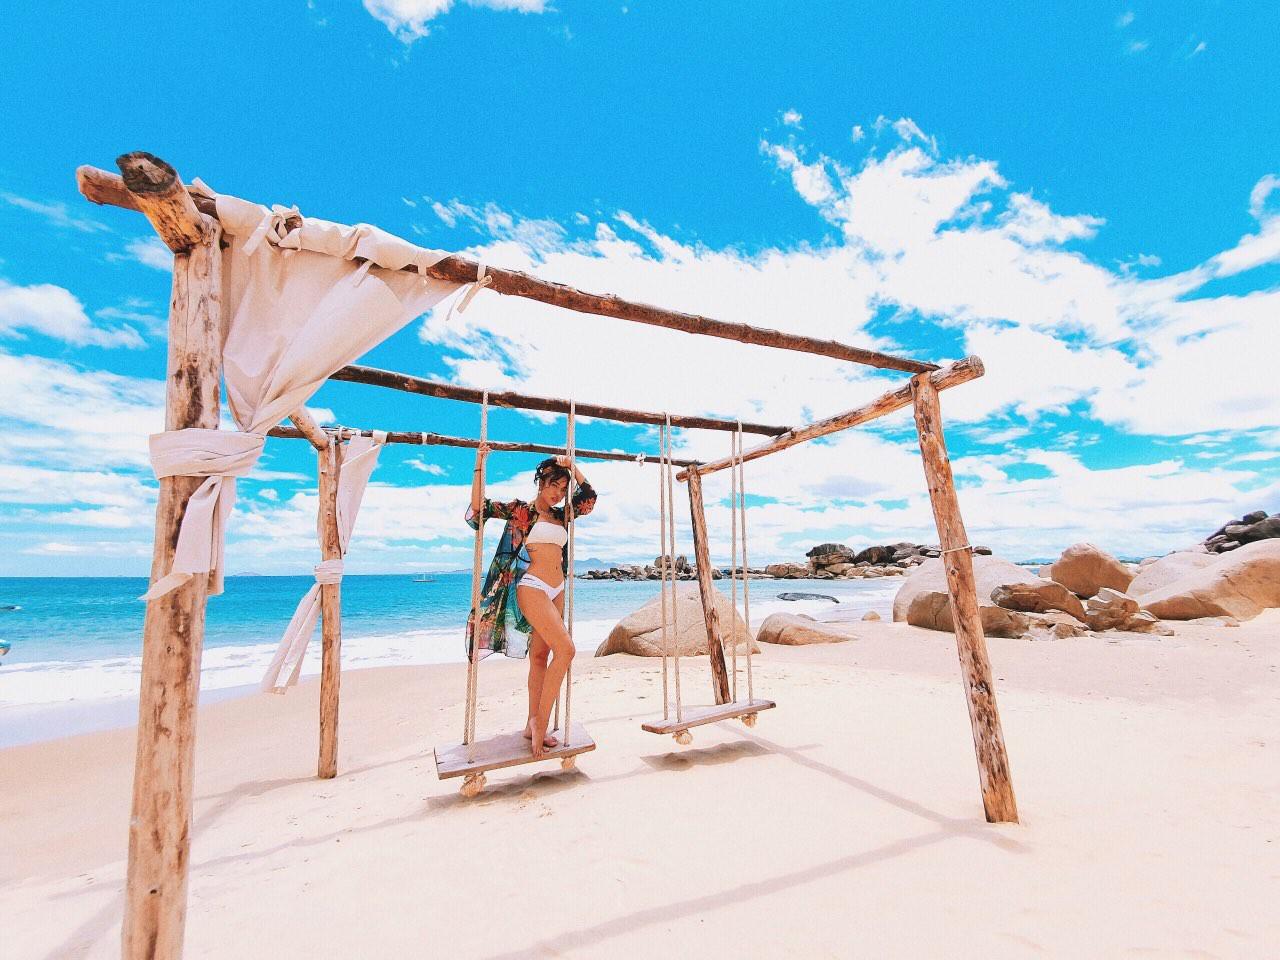 Lộ điểm check in sống ảo mới tại Quy Nhơn, nửa sang chảnh như Maldive, nửa xanh màu thiên đường nghỉ dưỡng Bali - Ảnh 6.